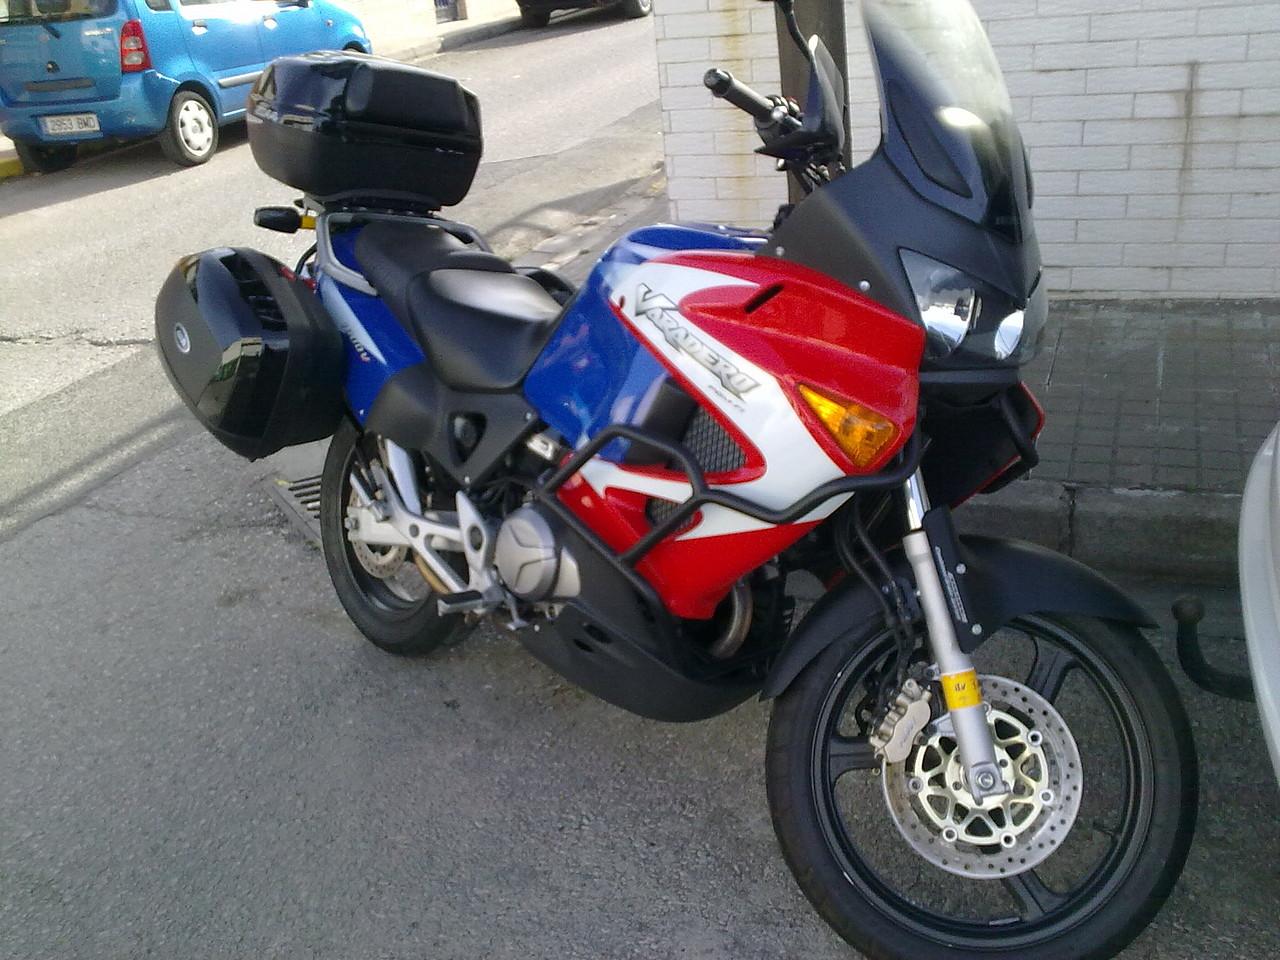 Presento mi nueva moto 2A4FF685E5294FAE9BF82A4FAE99B9